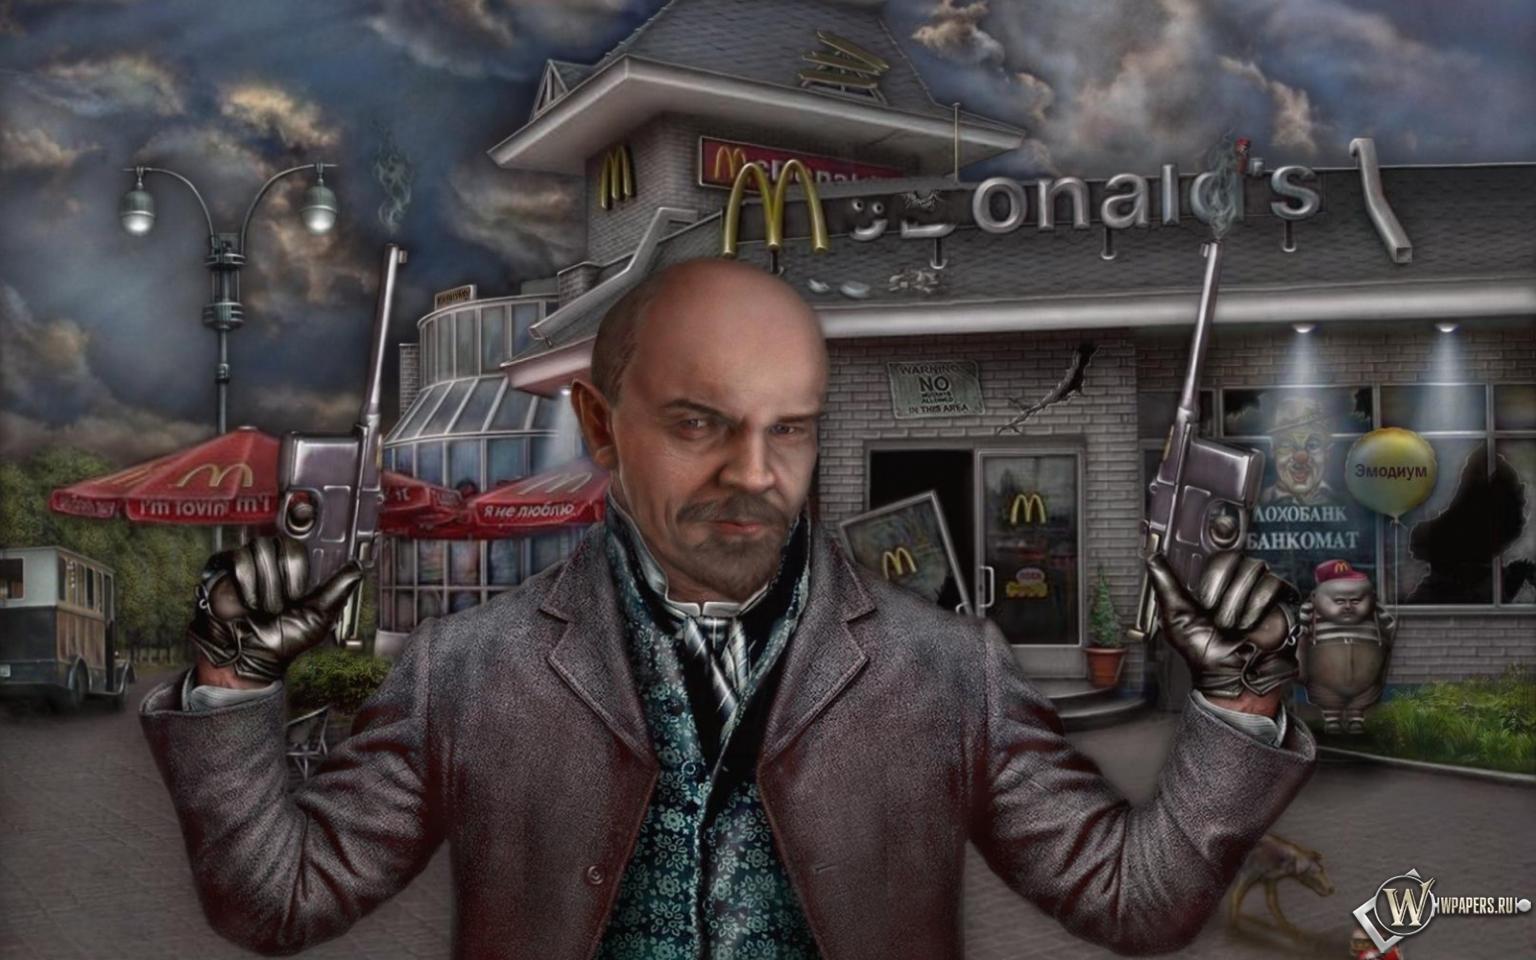 Картинка прикольная, смешные картинки сталин ленин